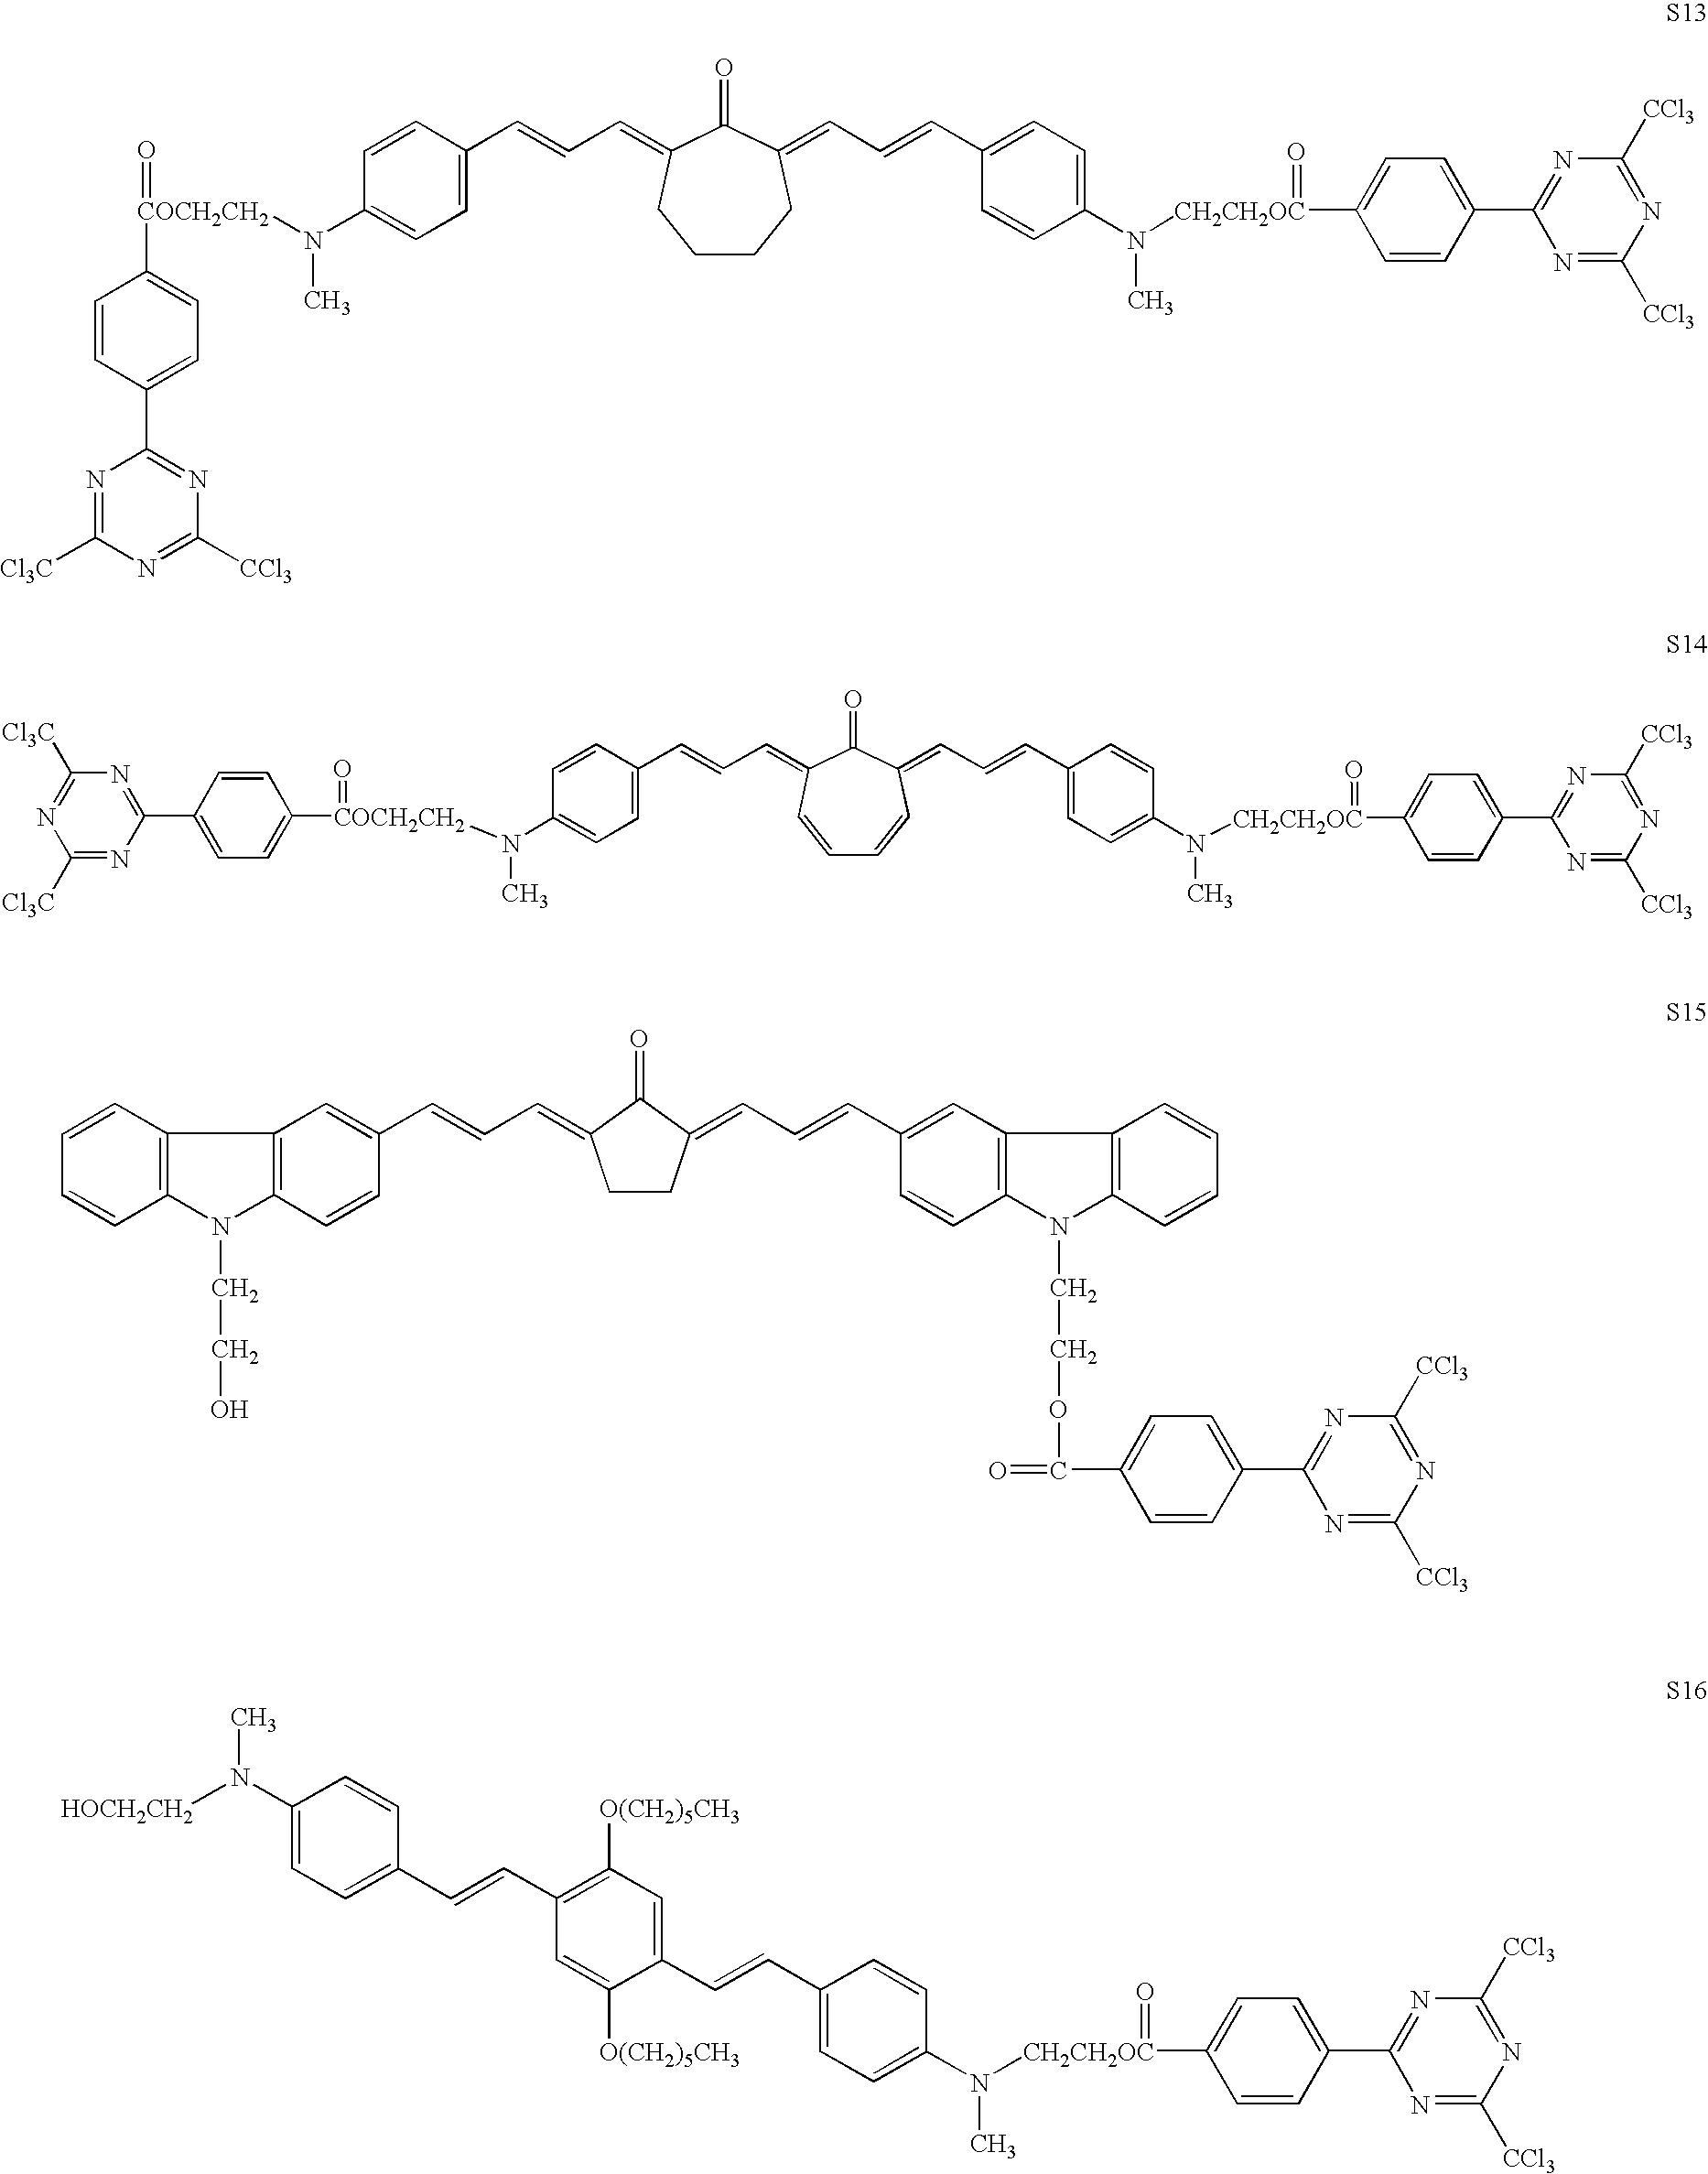 Figure US20080199811A1-20080821-C00013